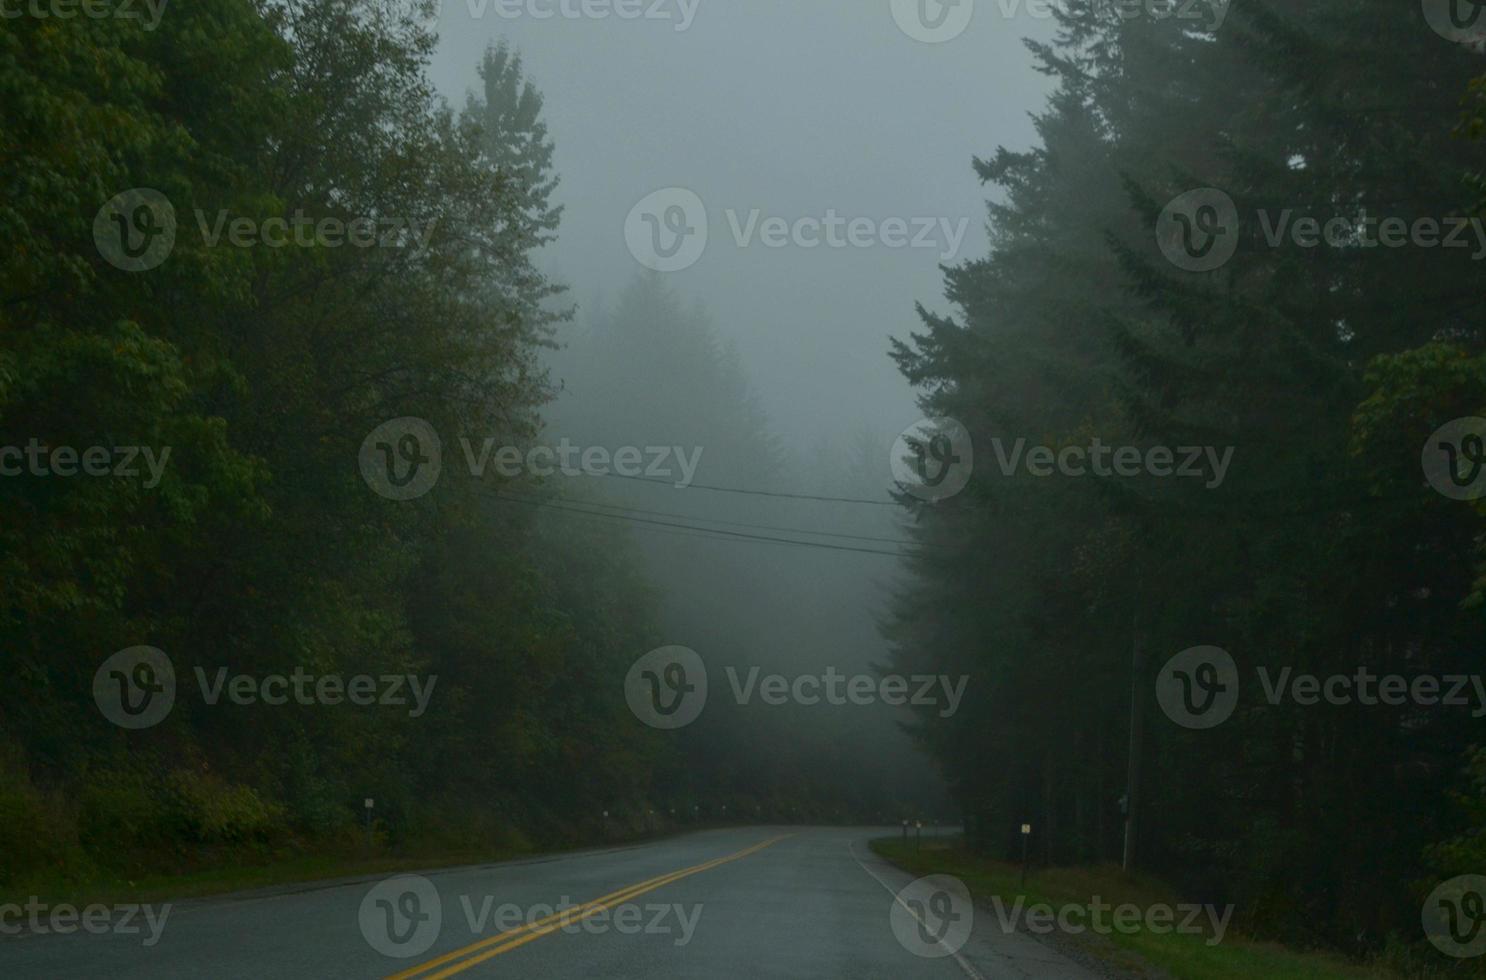 dimma på väg foto